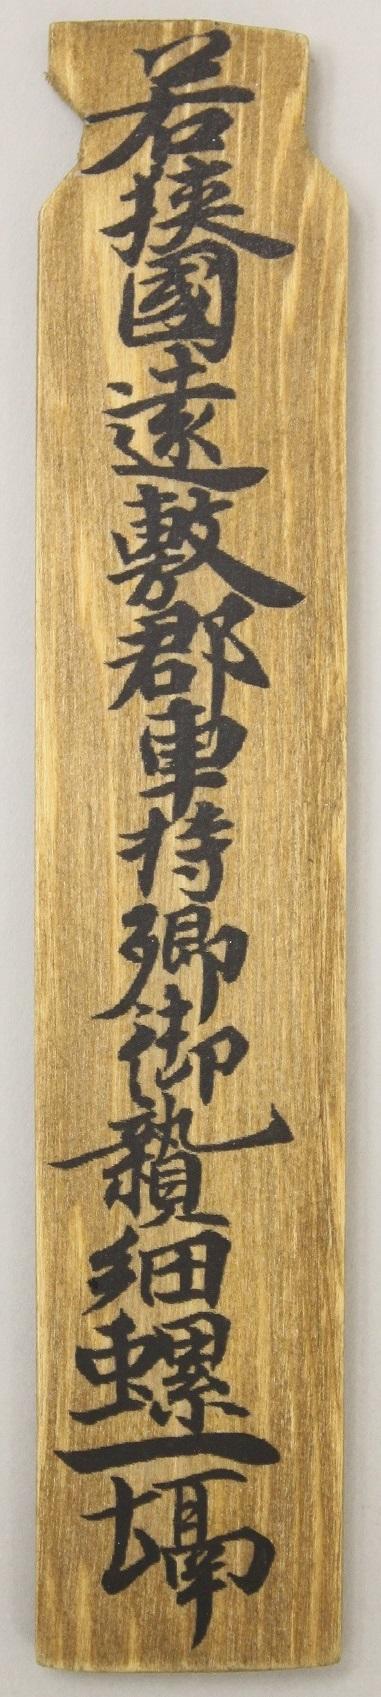 都への貢進物につけられた荷札(複製。原品は奈良時代 奈良文化財研究所所蔵)